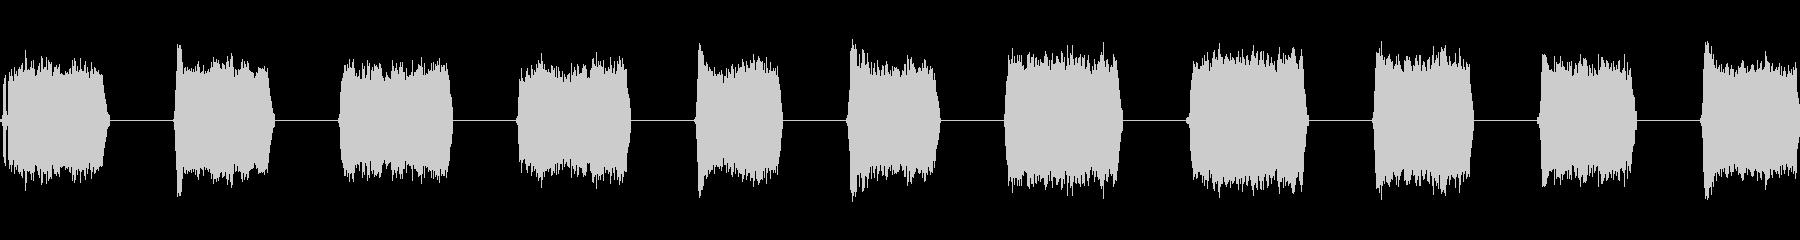 レーザー溶接:低、11バースト、S...の未再生の波形